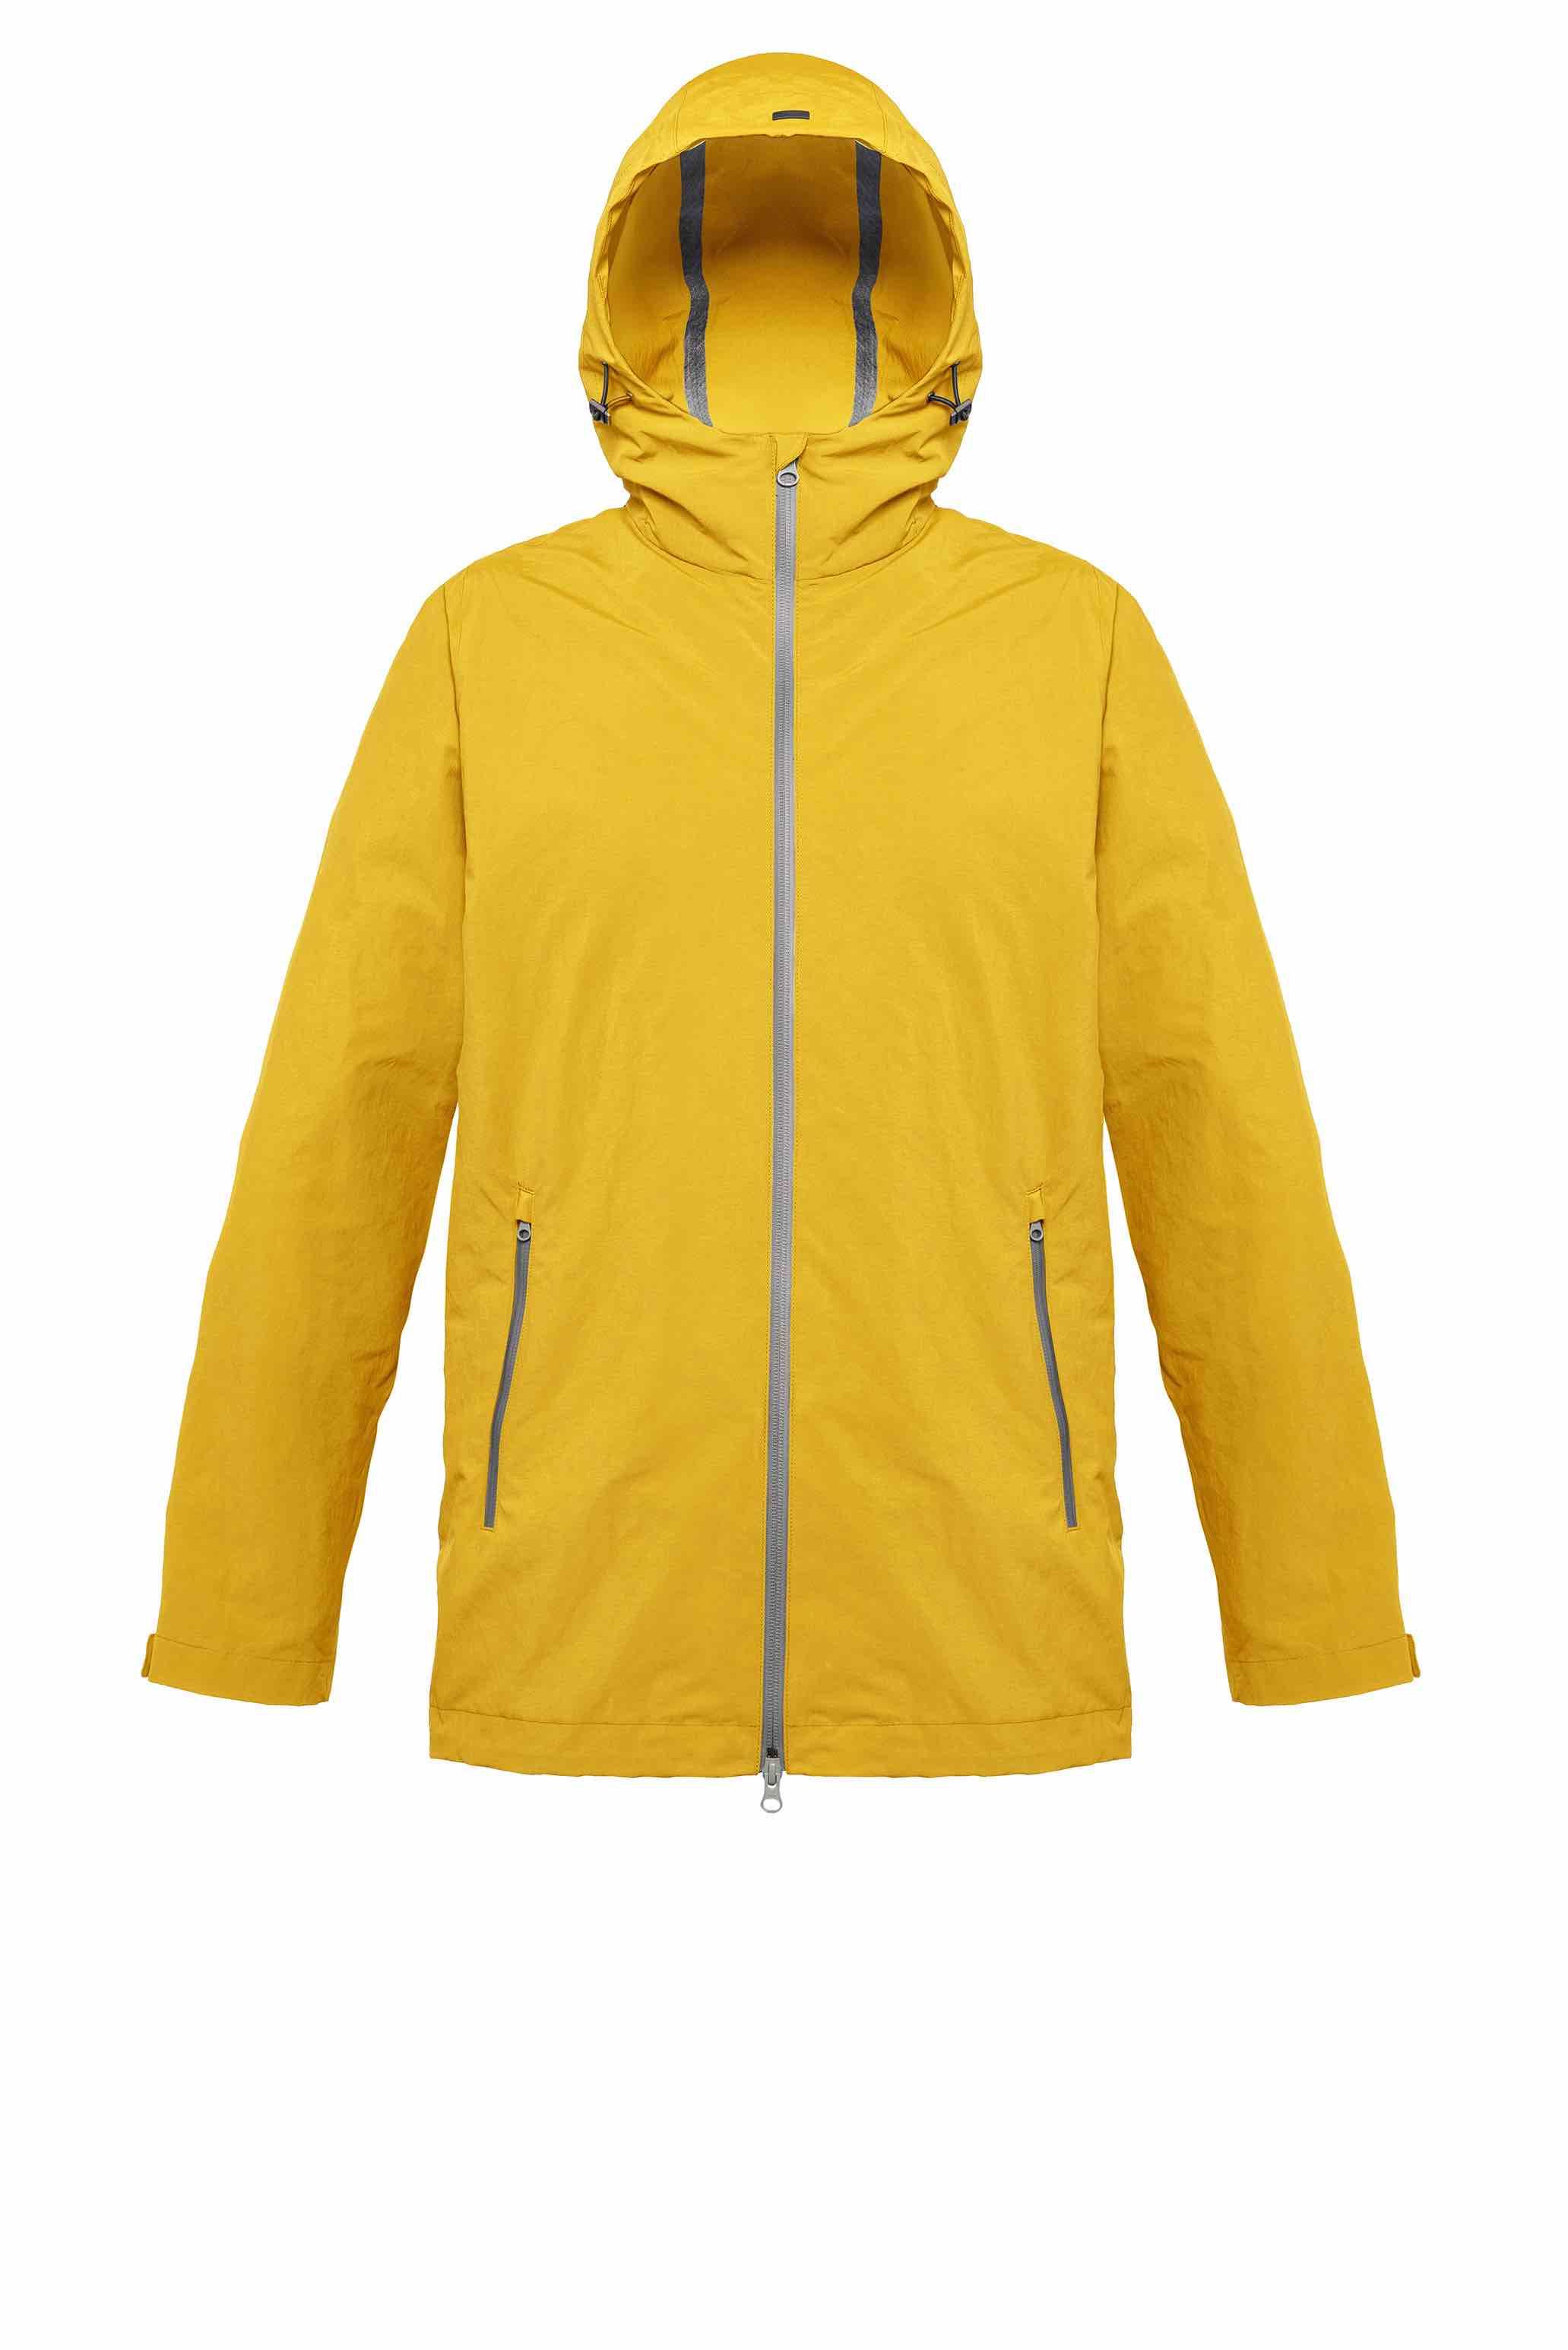 """Plaster effetto """"mano gesso"""" con trattamento anti goccia per la dinamica giacca oversize realizzata in color giallo sole con termonastrature e zip gommate anti-acqua in color grigio a contrasto."""